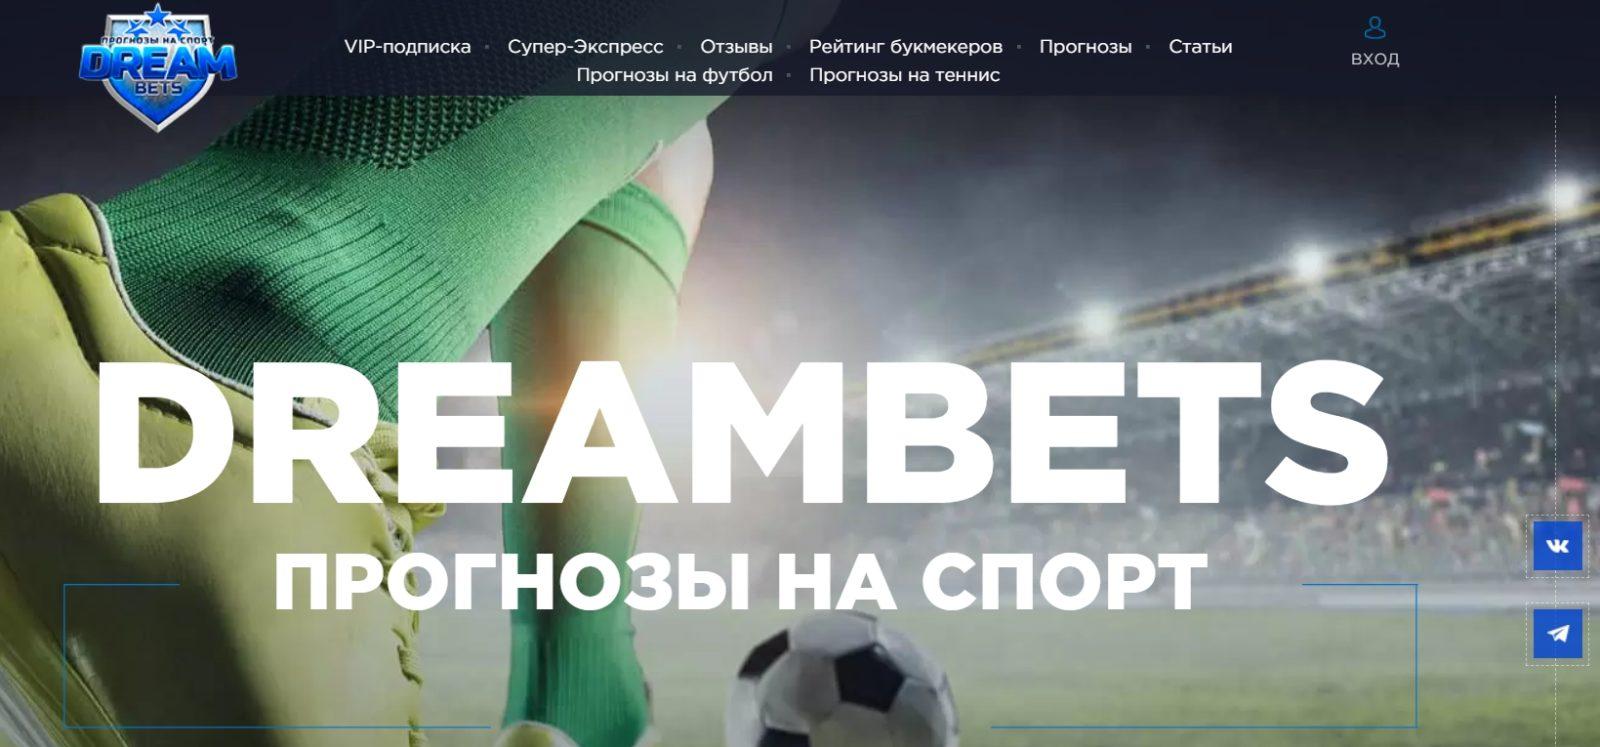 Честные отзывы о проекте Dreambets.ru